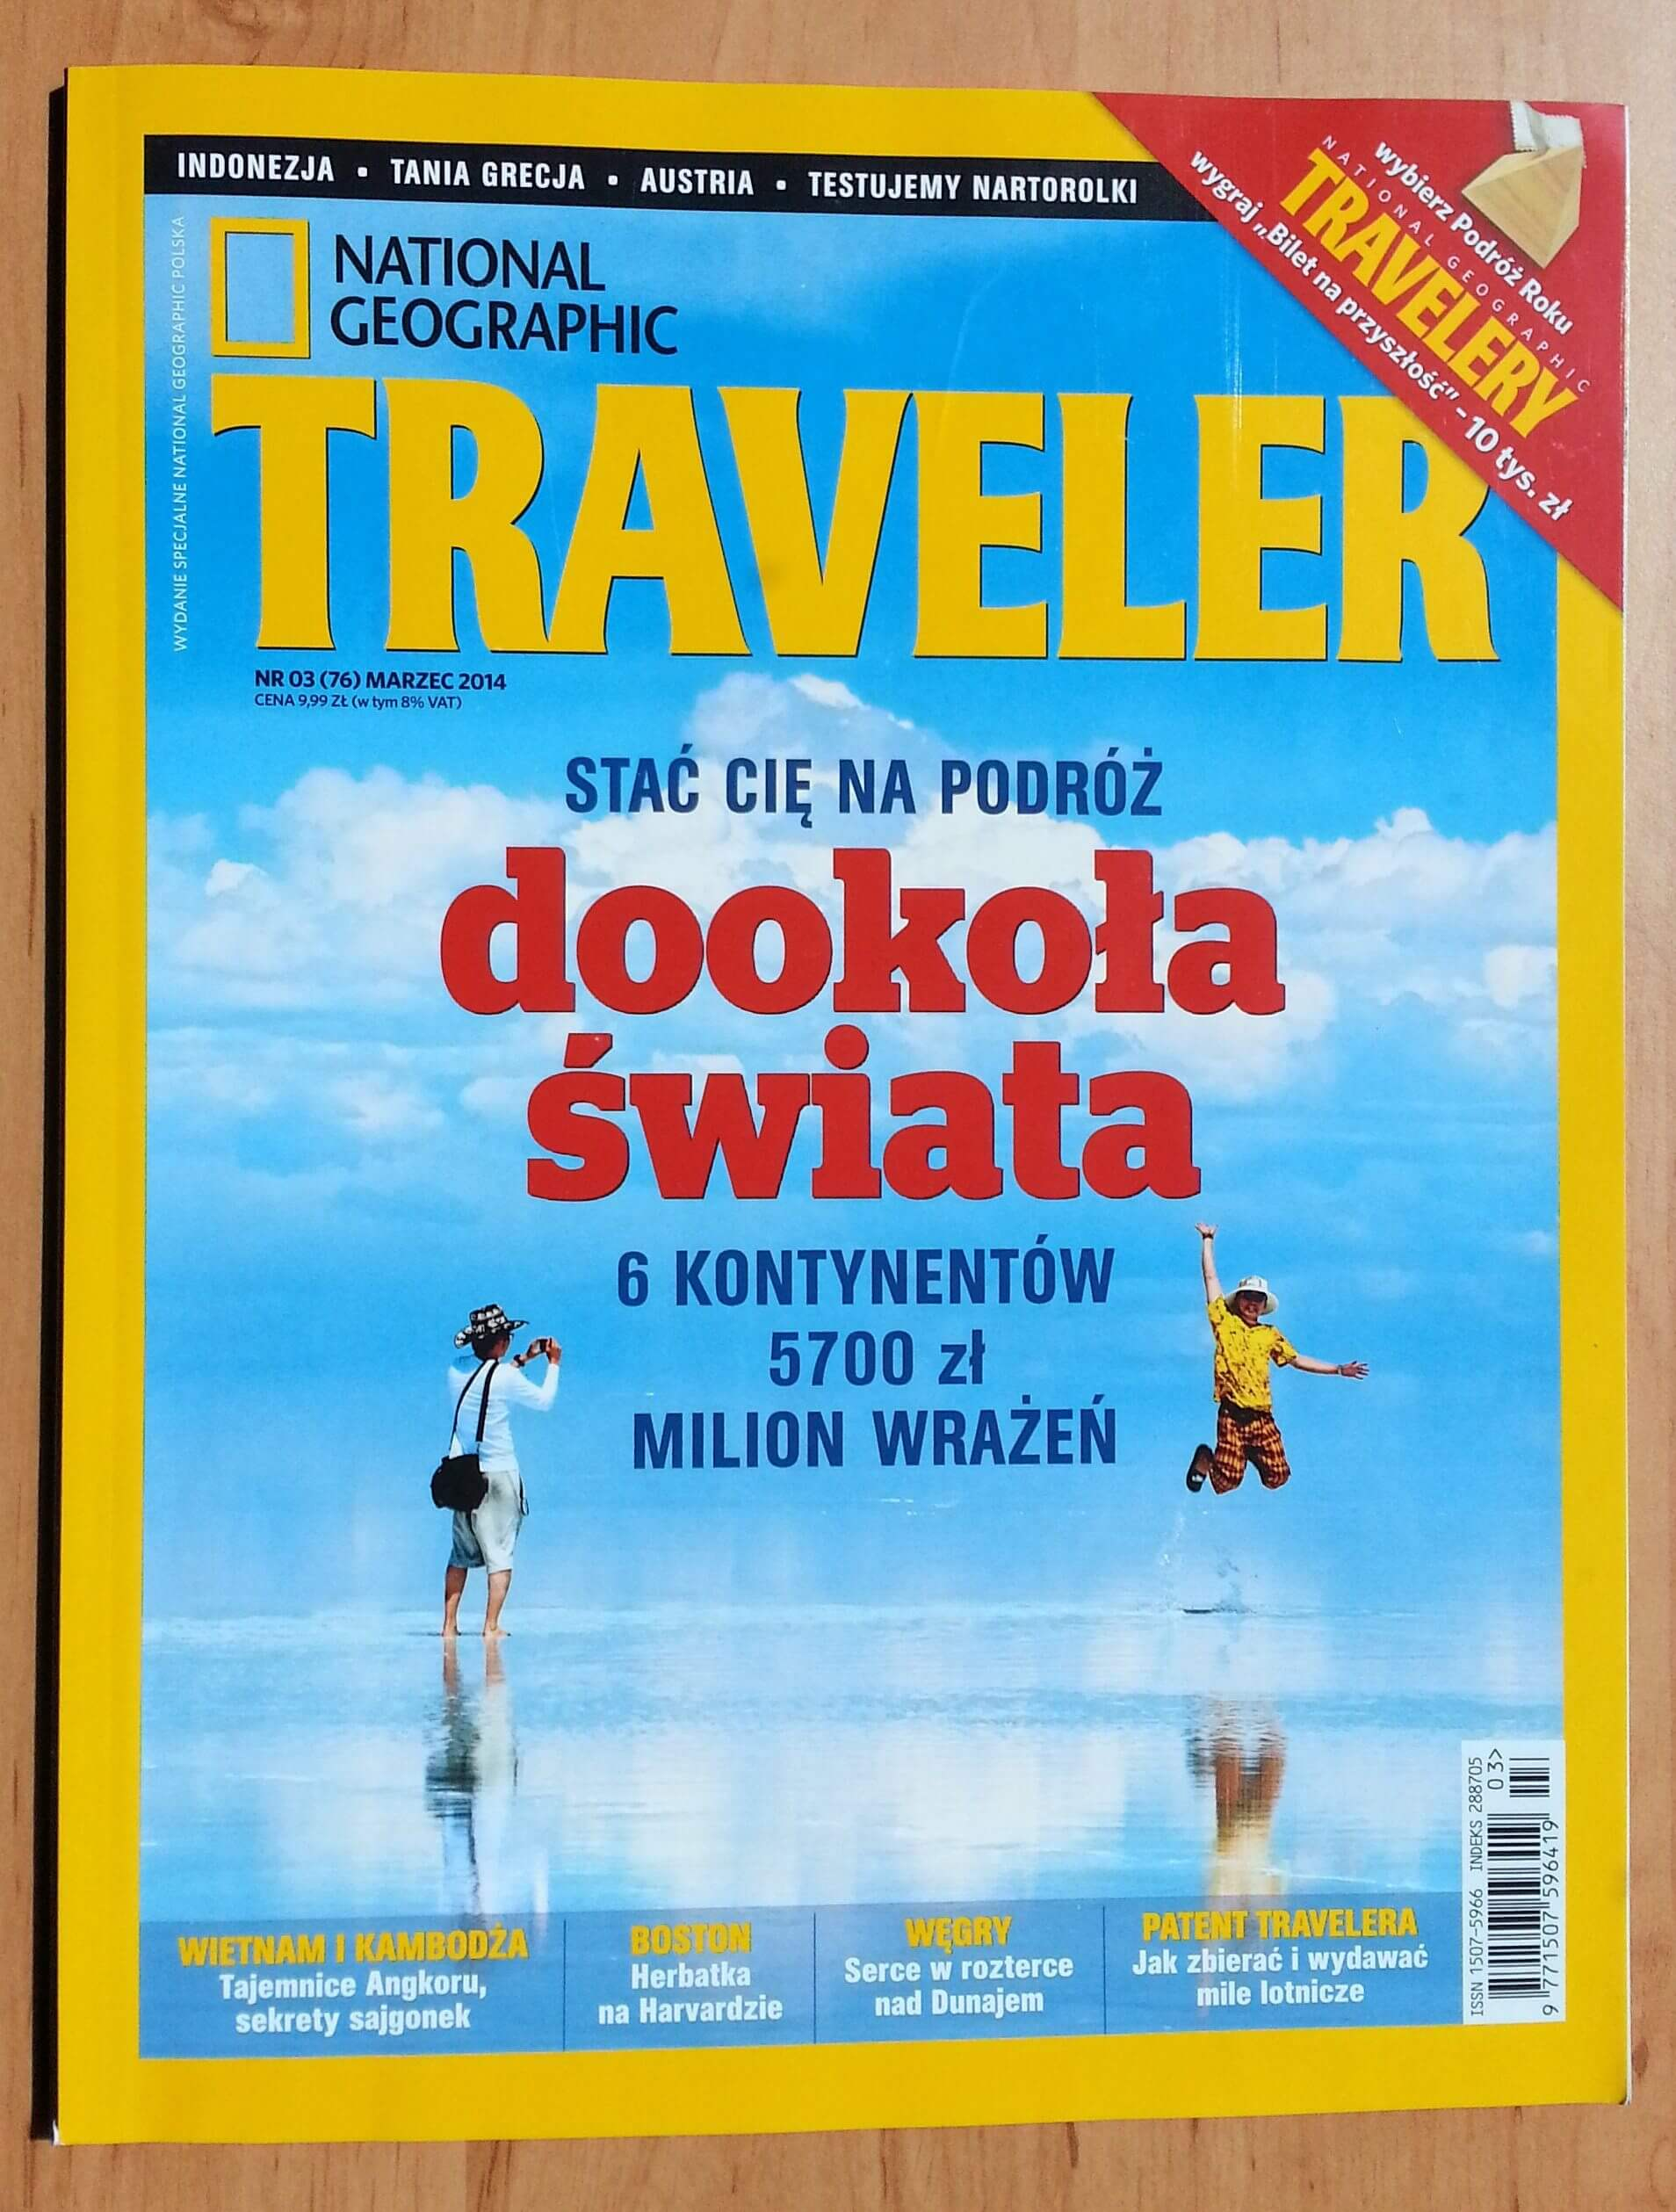 Okładka marcowego NG Travelera.